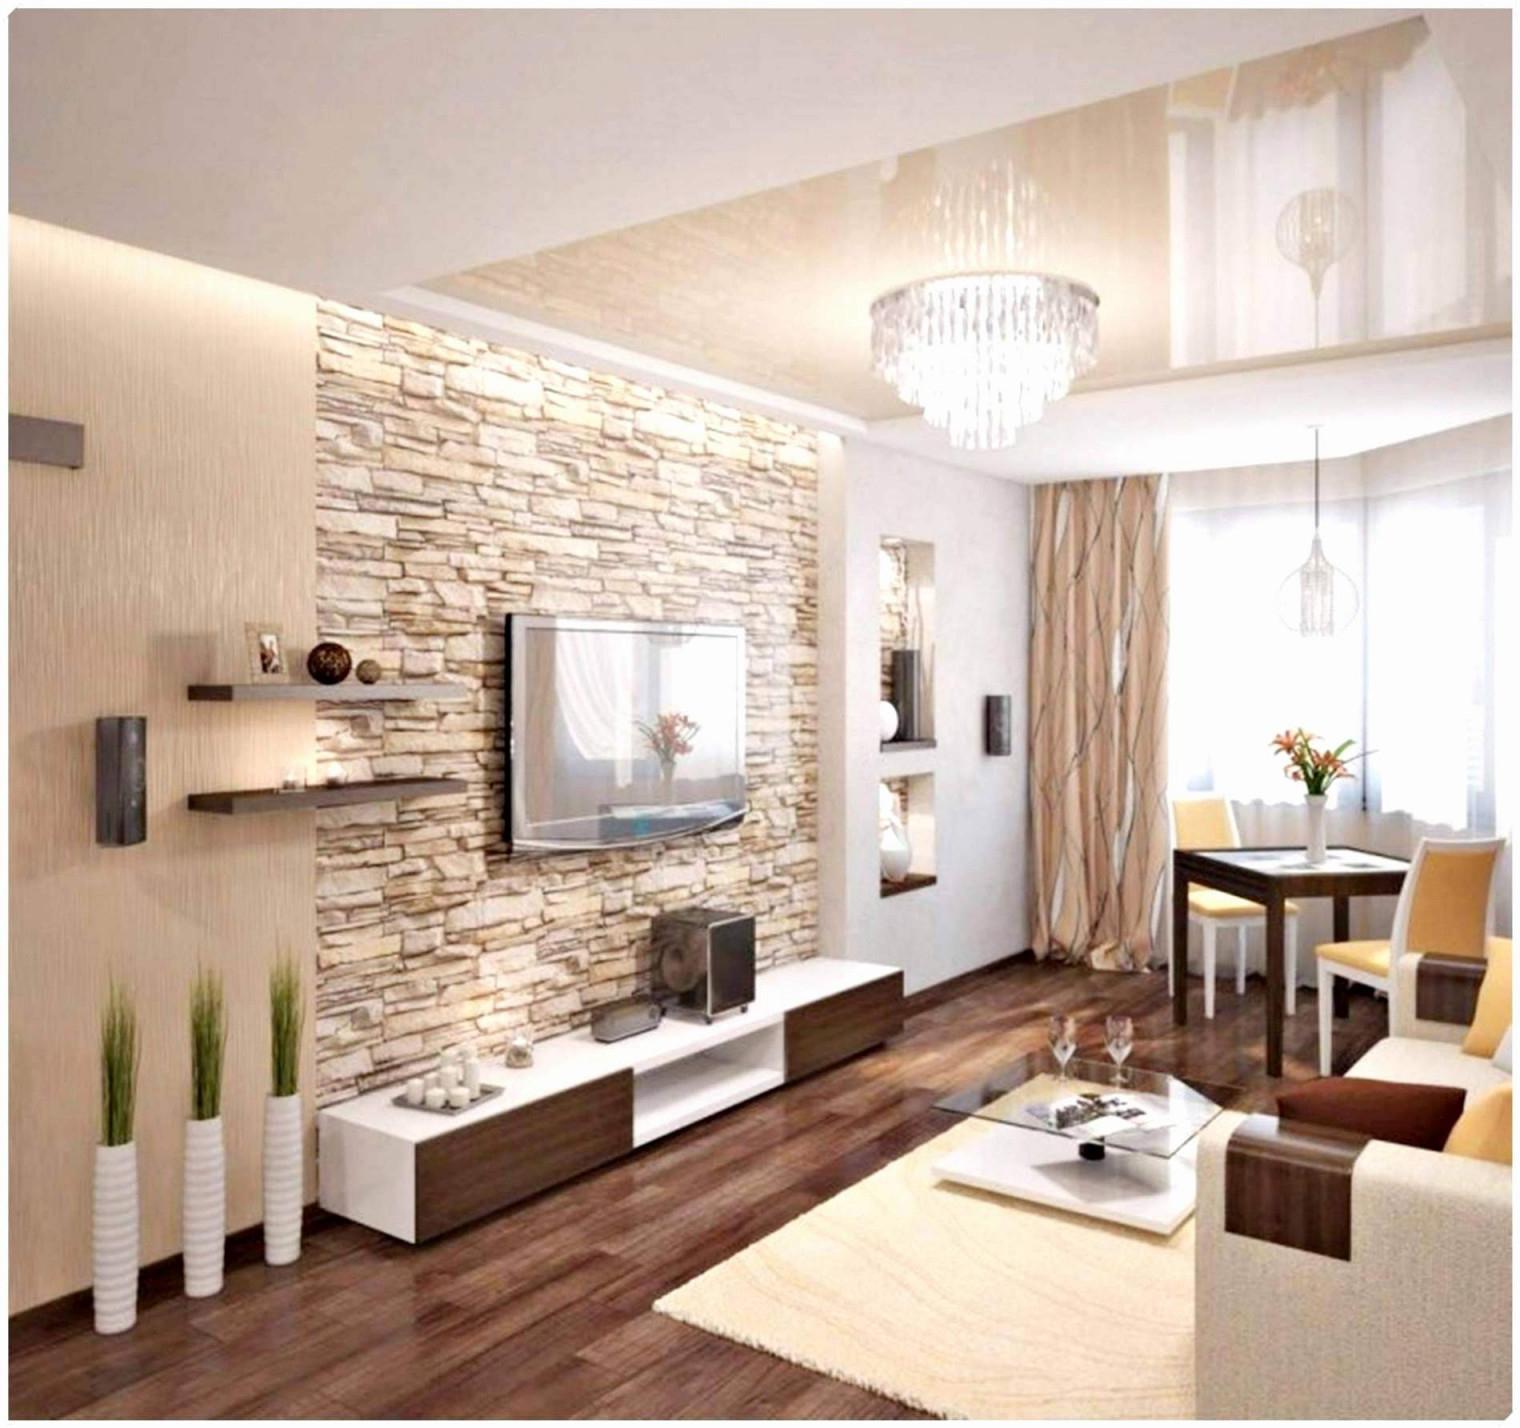 37 Luxus Tapeten Kombinationen Wohnzimmer Reizend von Tapeten Bilder Wohnzimmer Photo